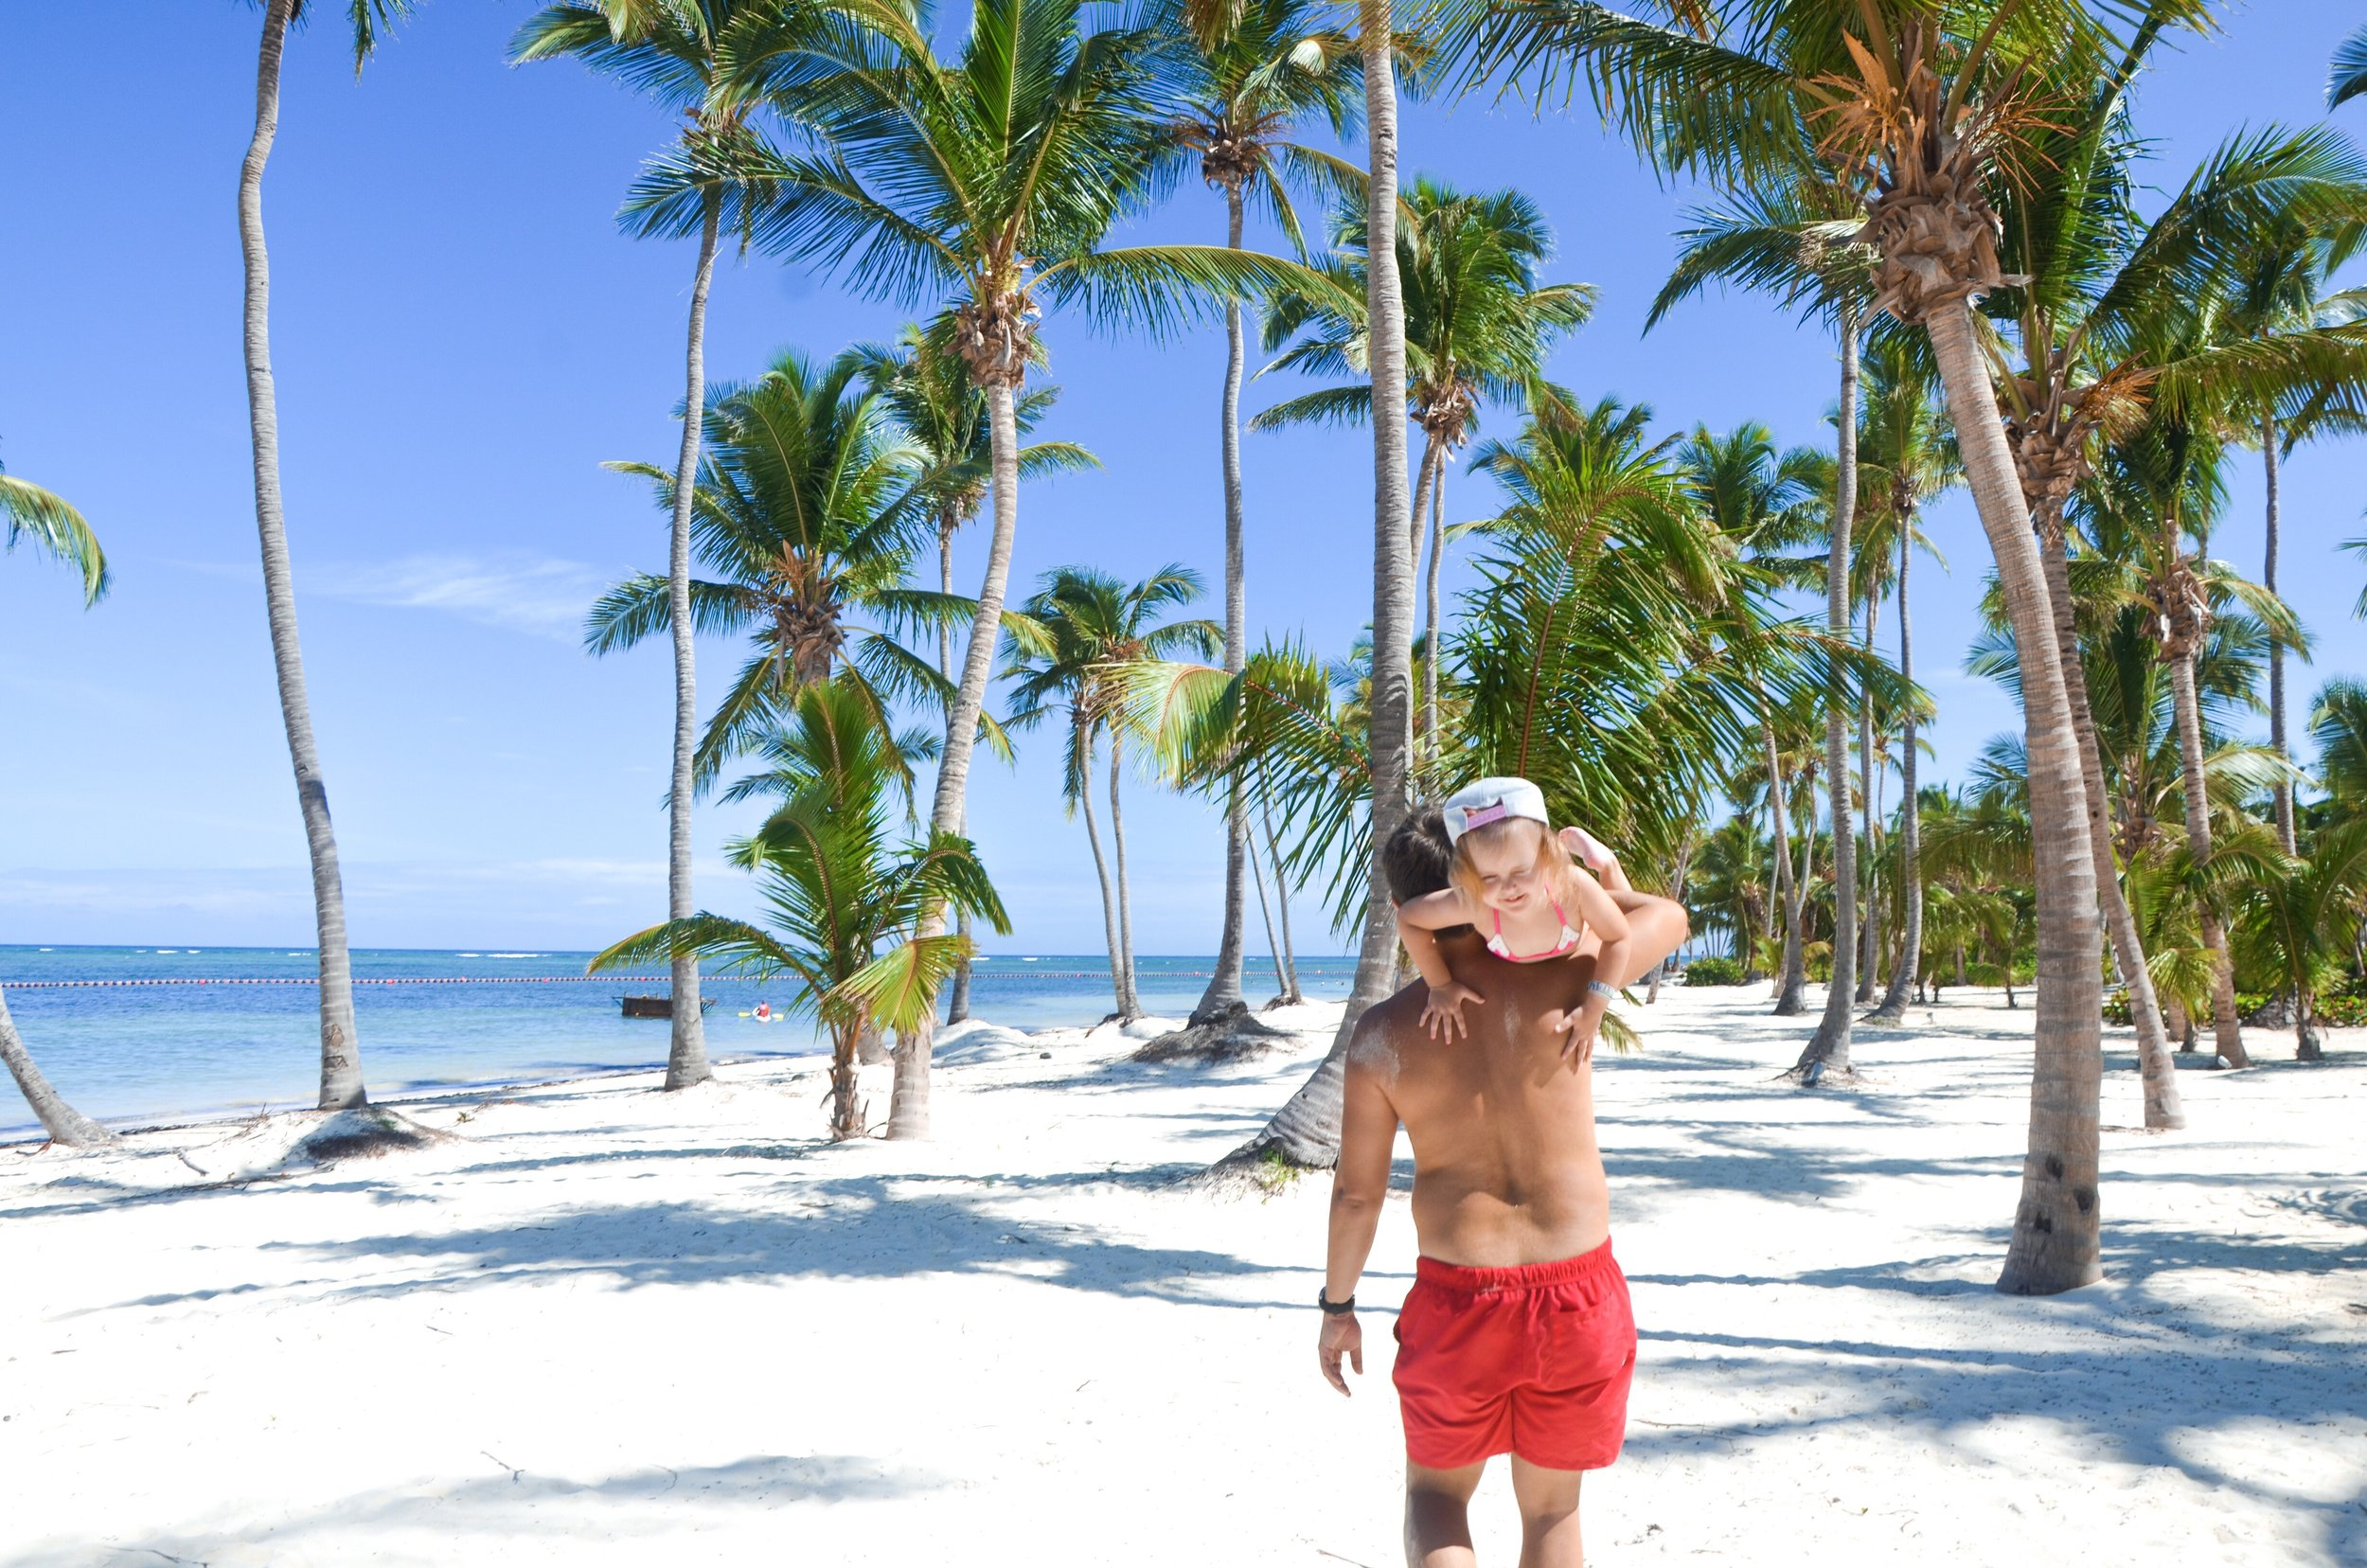 beach-summer-ocean-sandy-beach-dominican-republic-punta-cana-daddy-and-daughter_t20_koQ98P.jpg